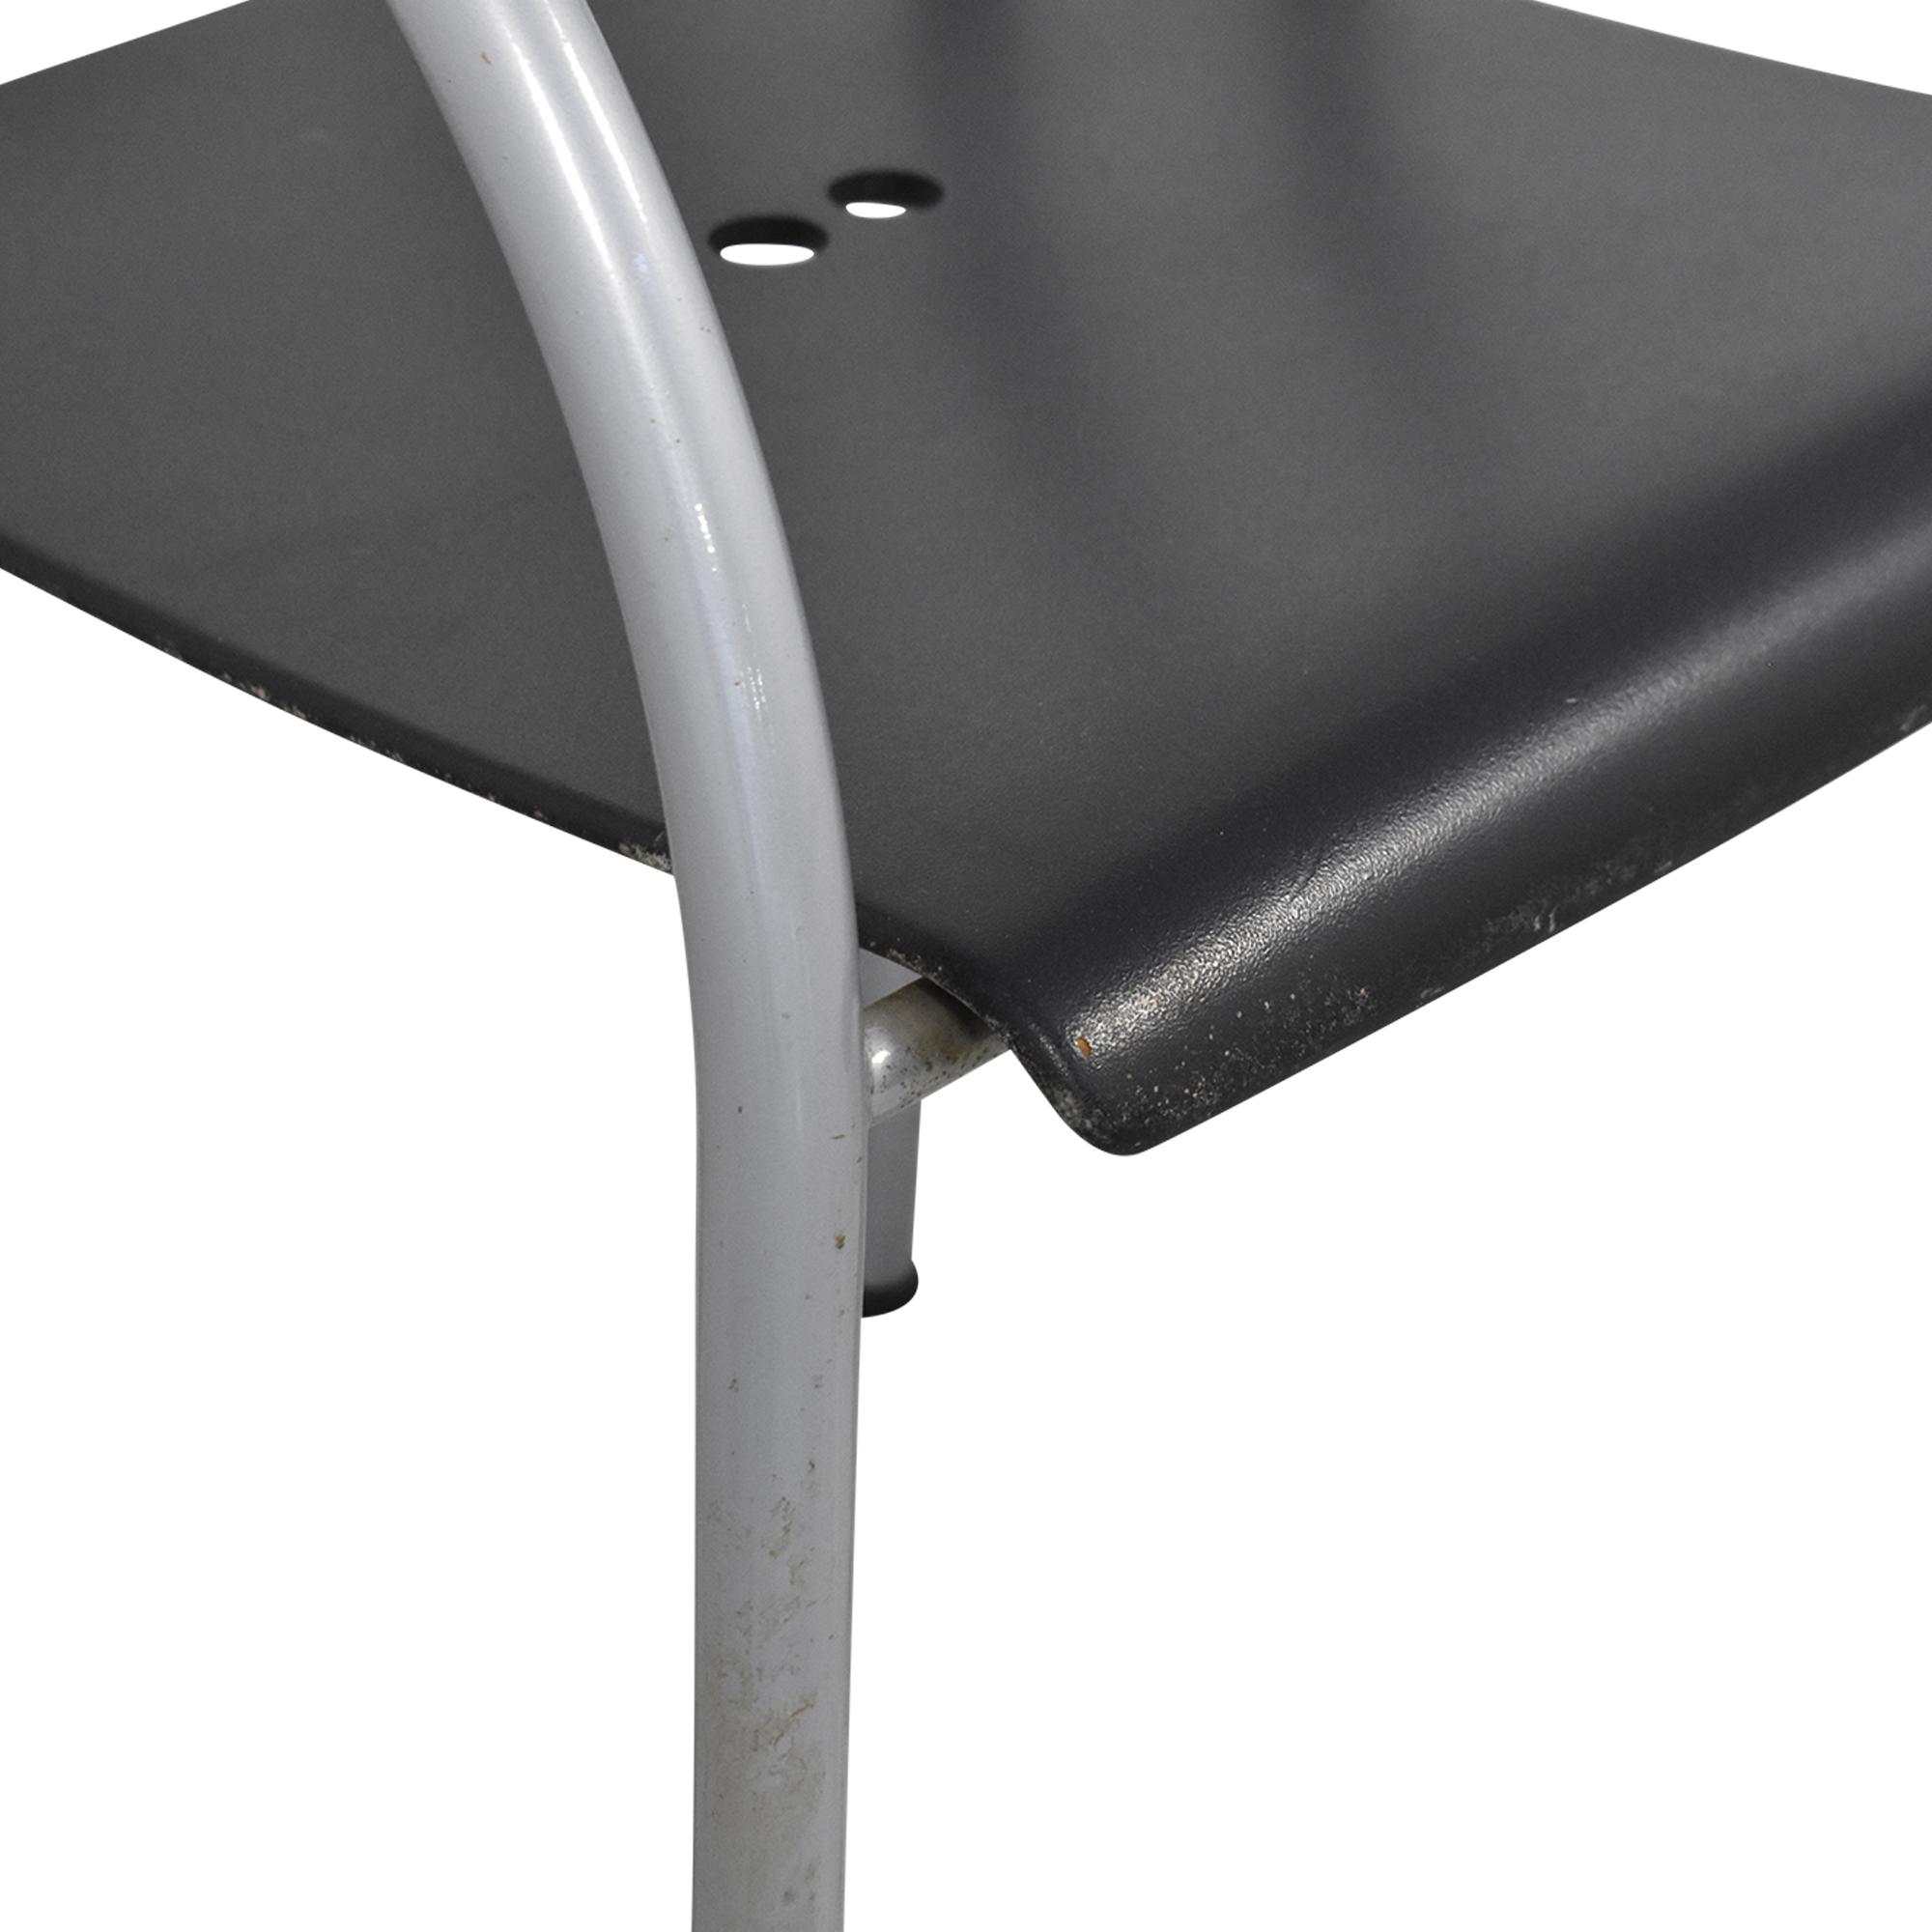 Baleri Italia Baleri Italia Starck Chairs Chairs